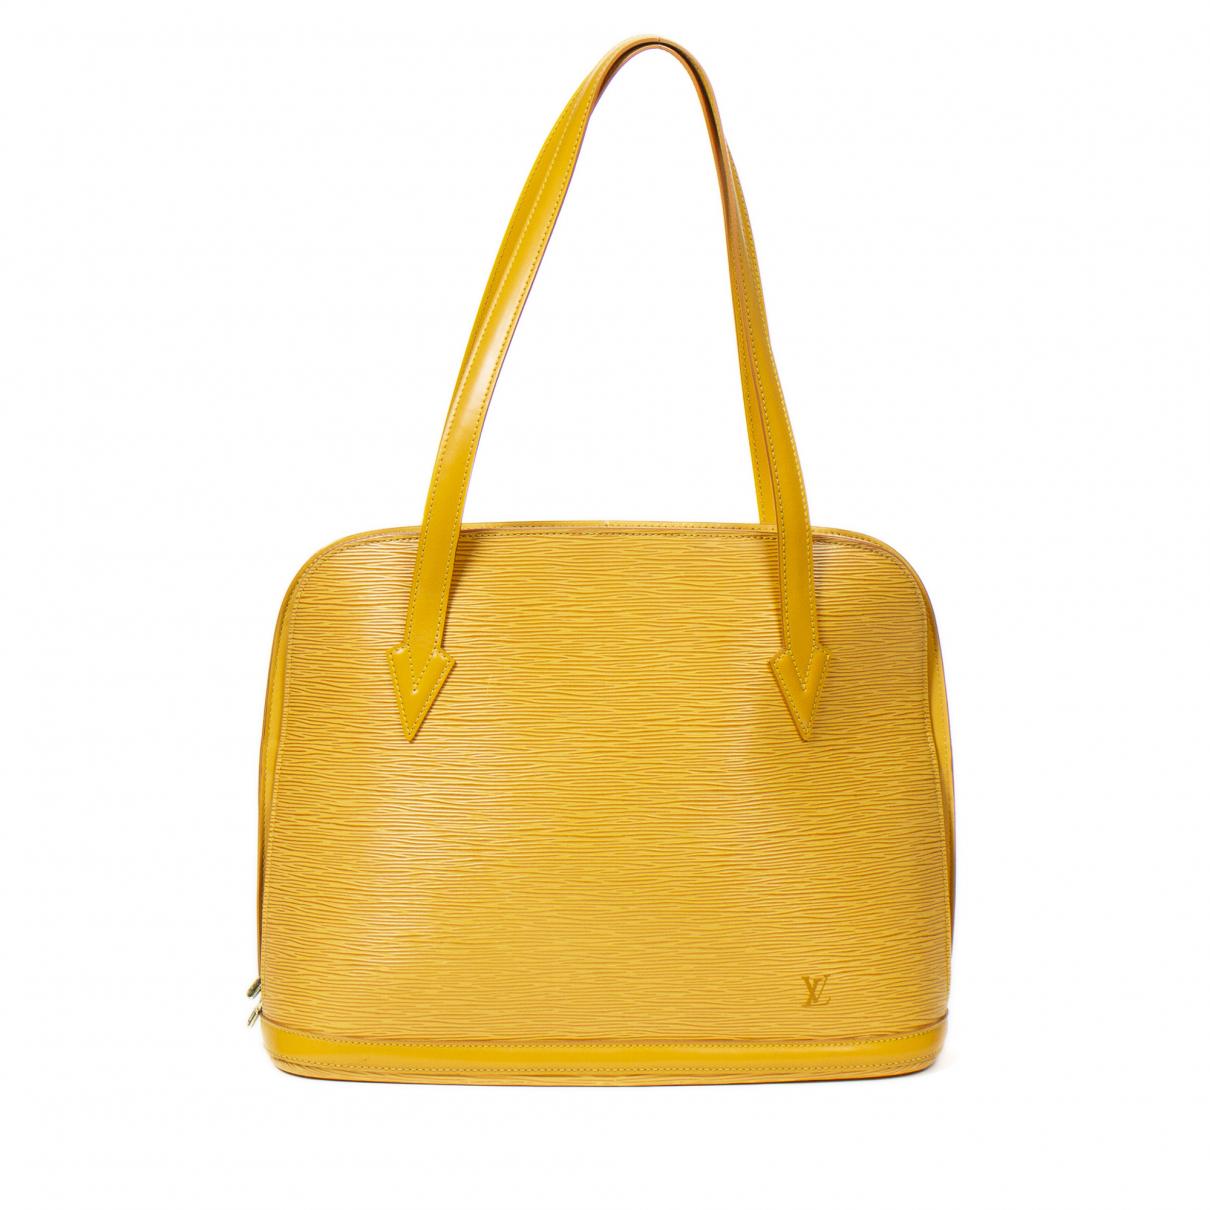 Louis Vuitton Lussac Handtasche in  Gelb Leder